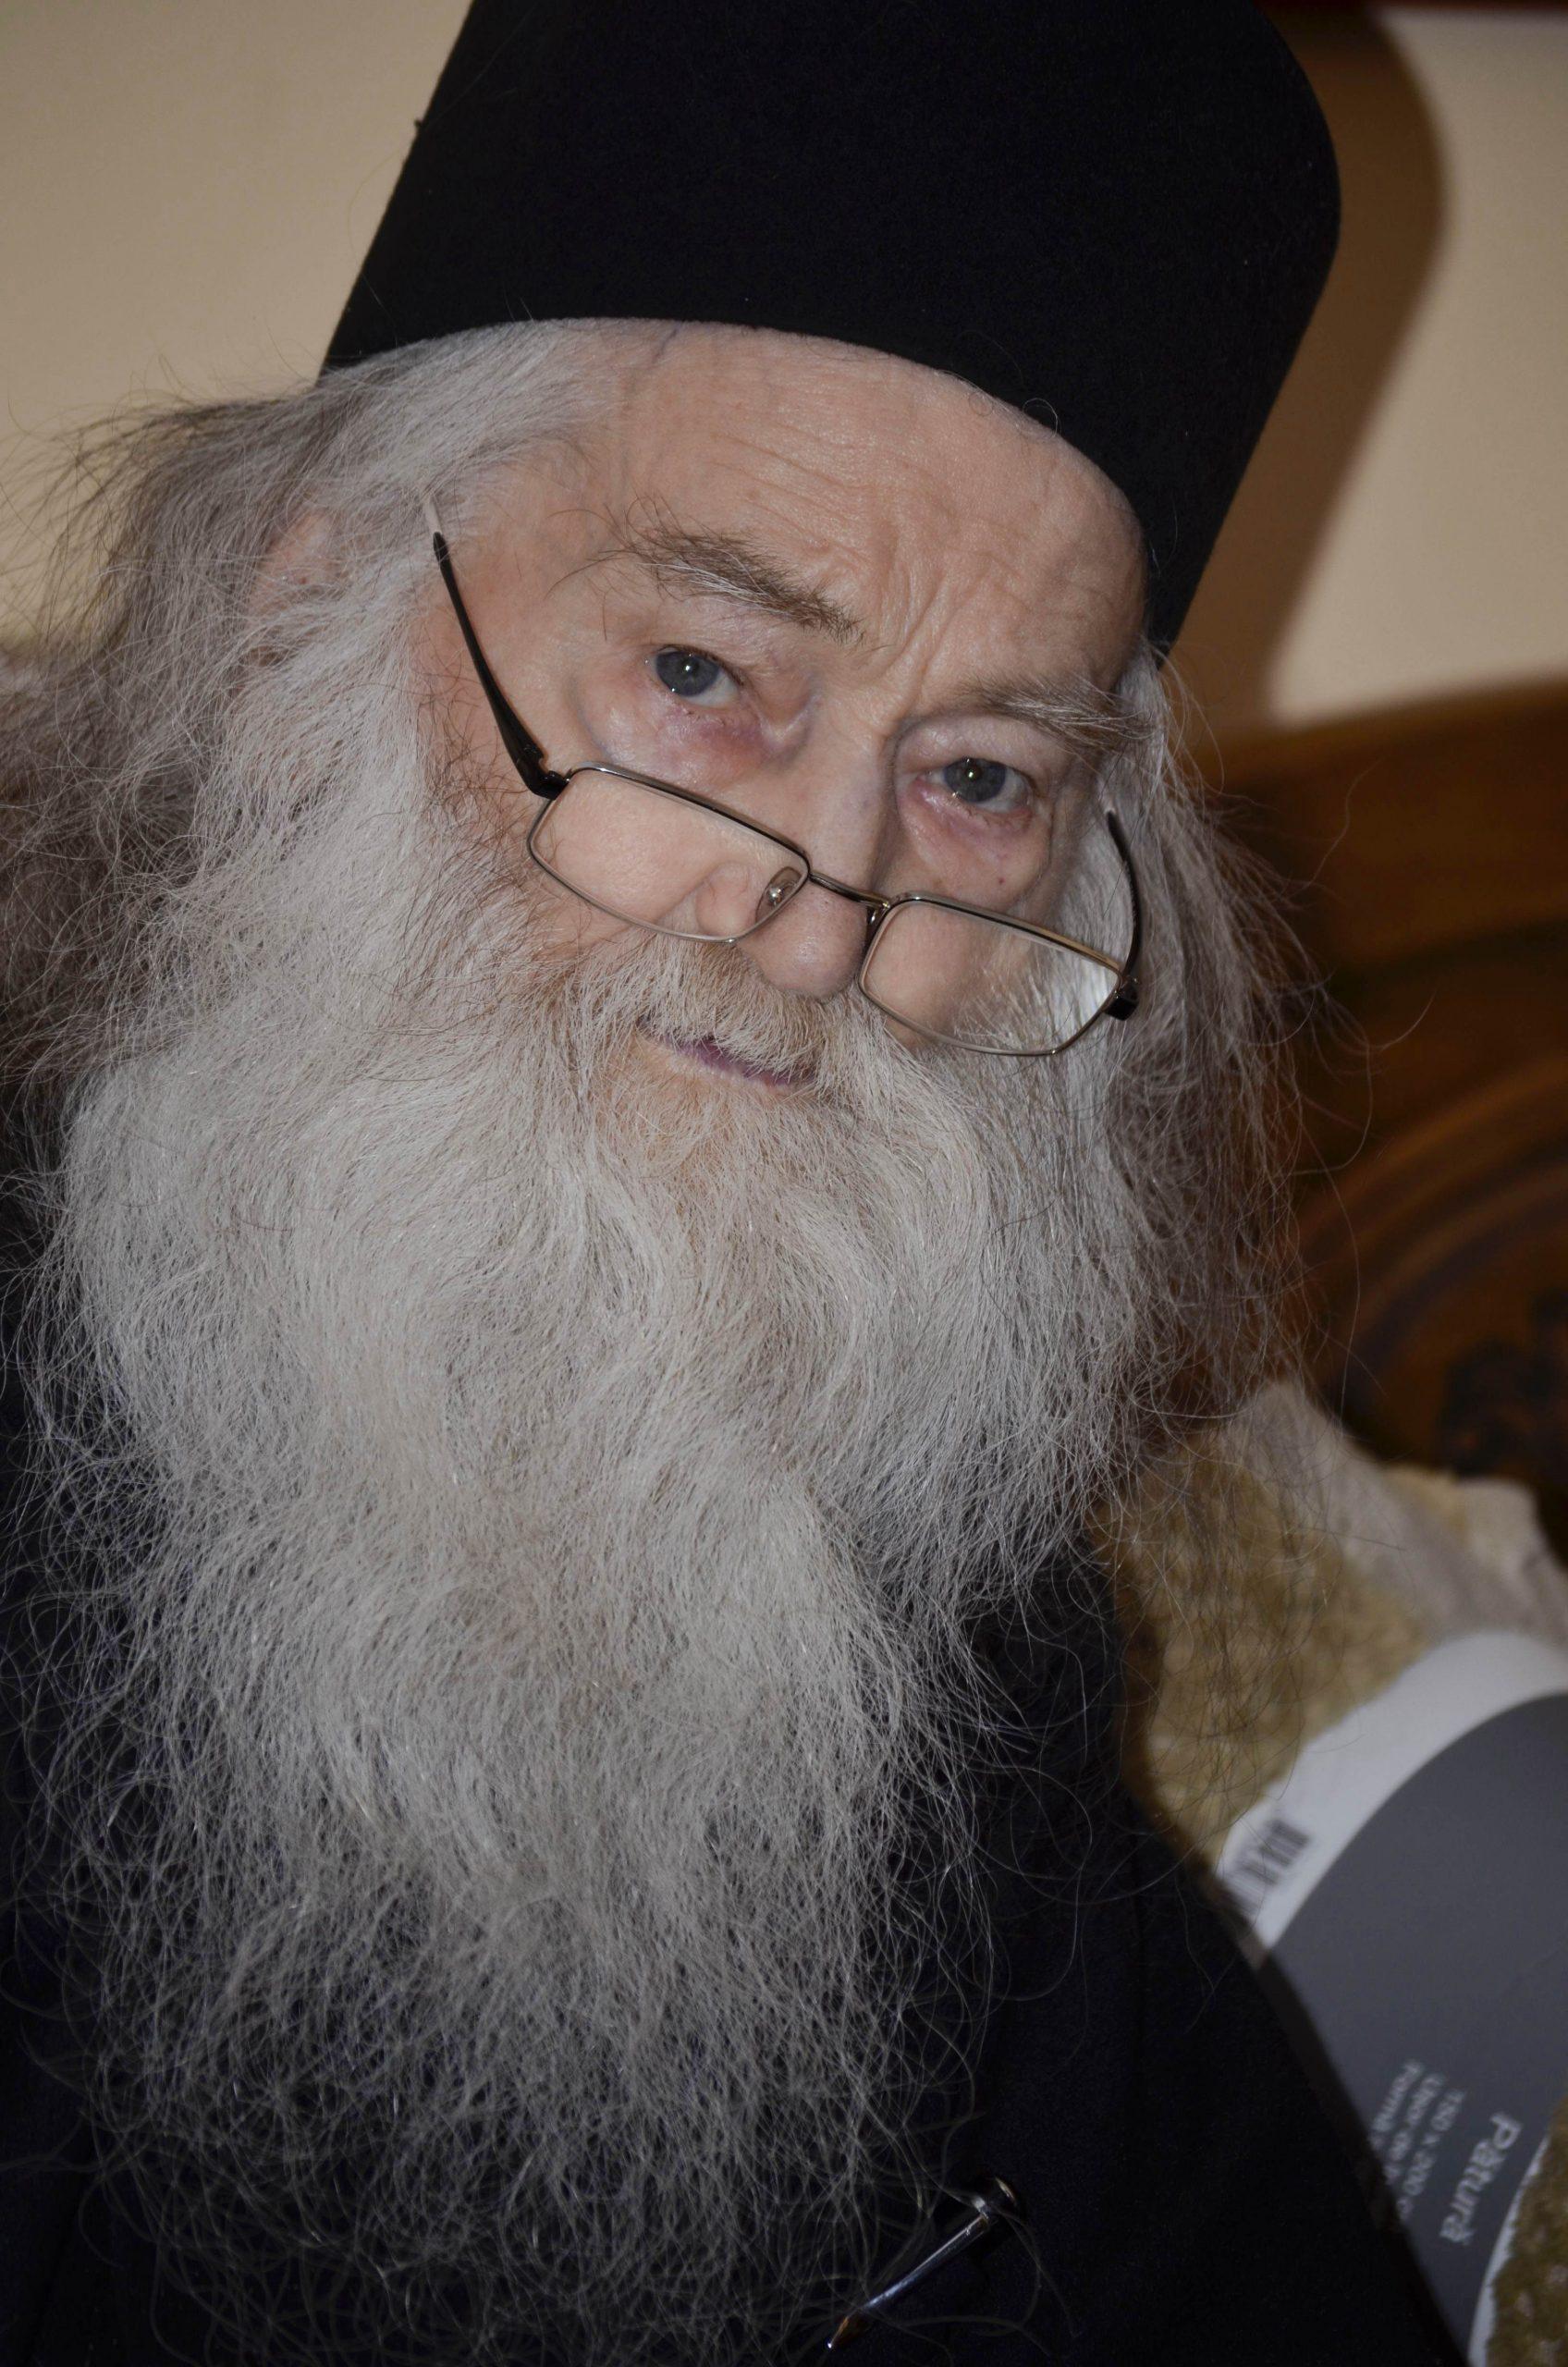 Profeția Părintelui Iustin Pârvu, împlinită de Covid? De ce sunt revoltați creștinii